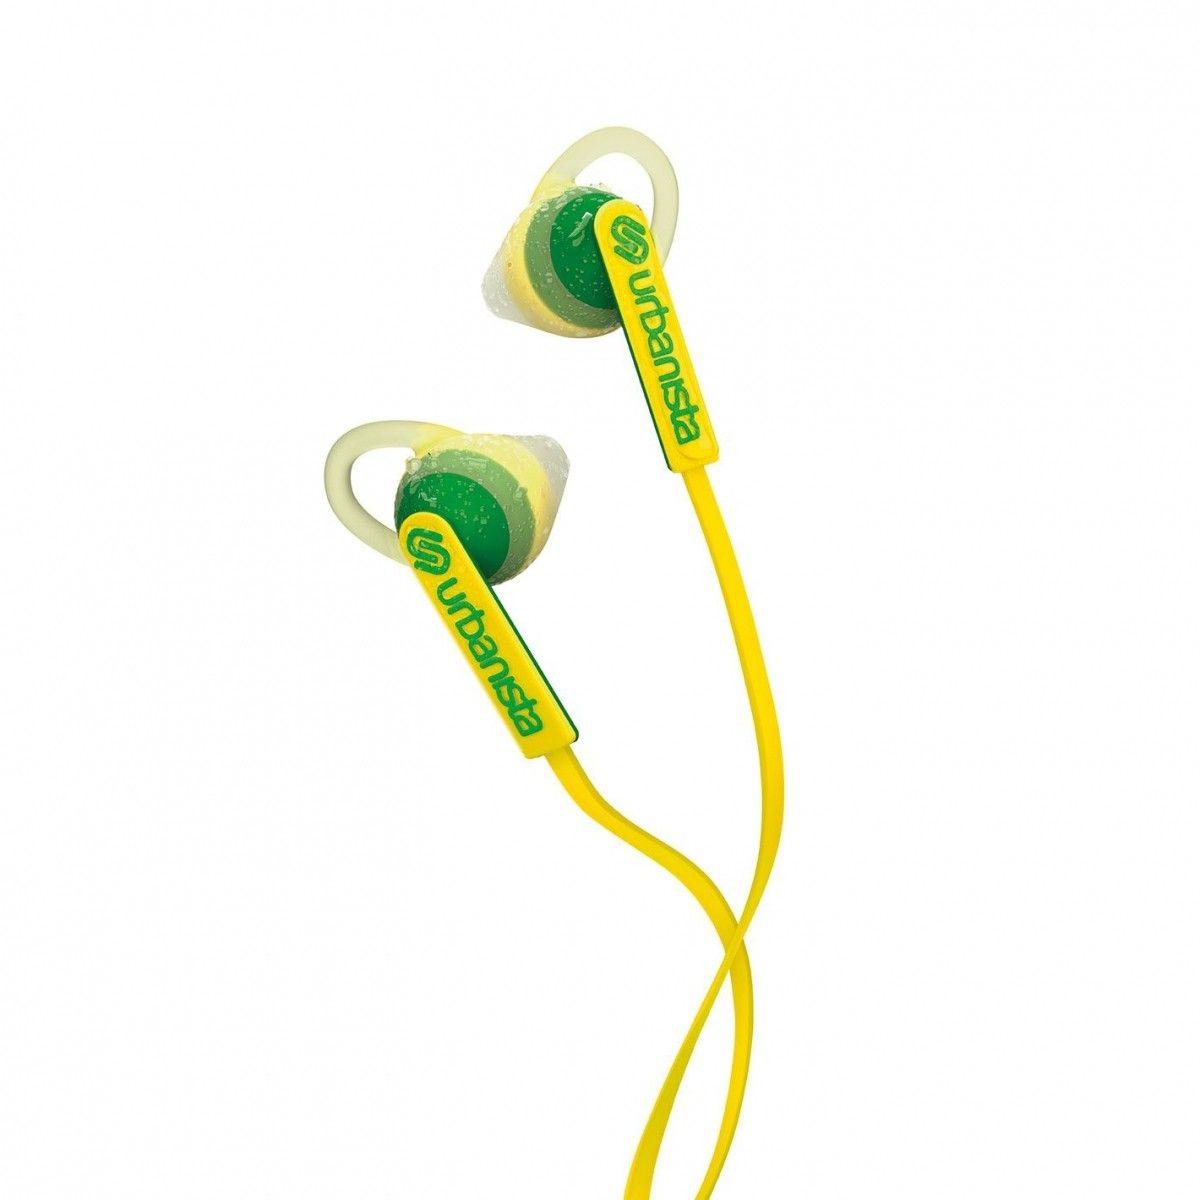 Fone de ouvido Rio Amarelo - Urbanista